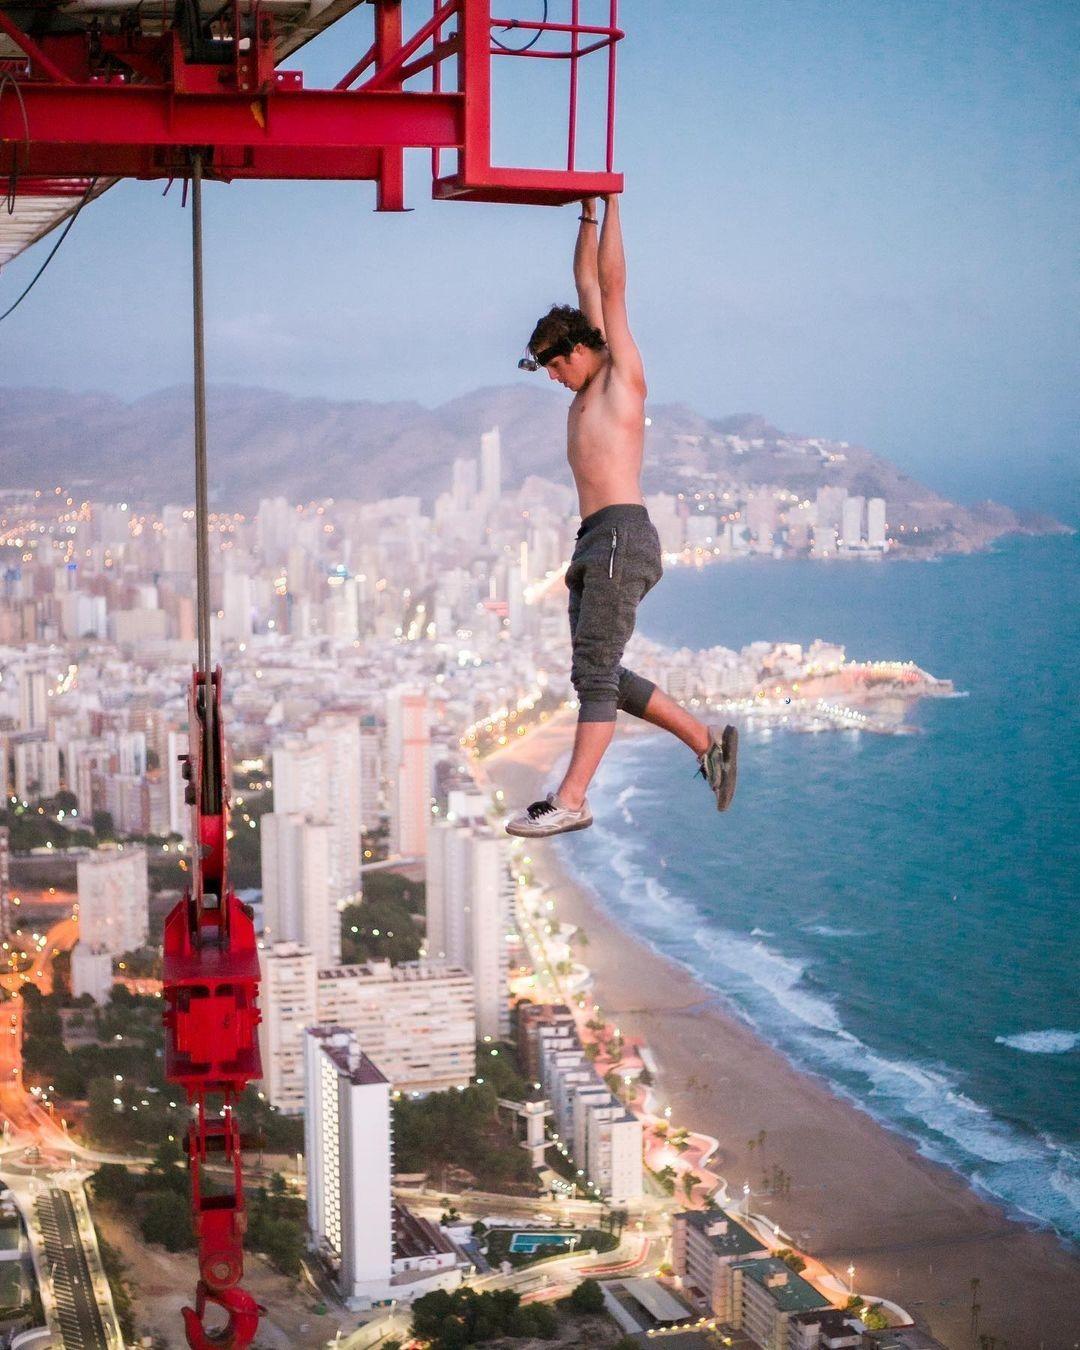 211518-مراهق-يتسلق-عاريا-رافعة-بناء-على-ارتفاع-أكثر-من-182-متر-بإسبانيا-(1).jpg